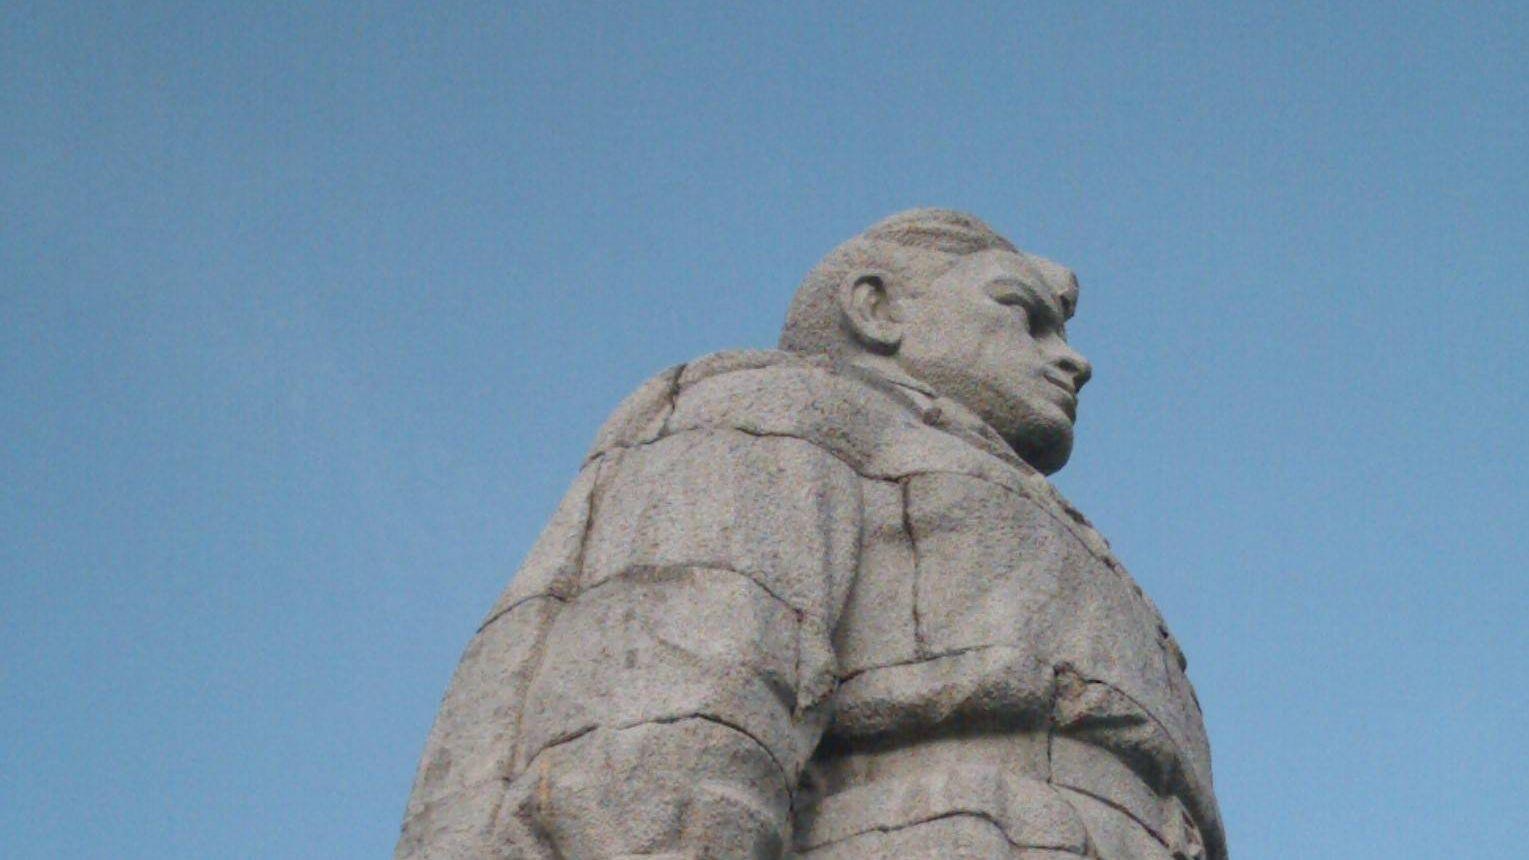 Памятник Алёше - освободителю Болгарии от нацизма - в Пловдиве